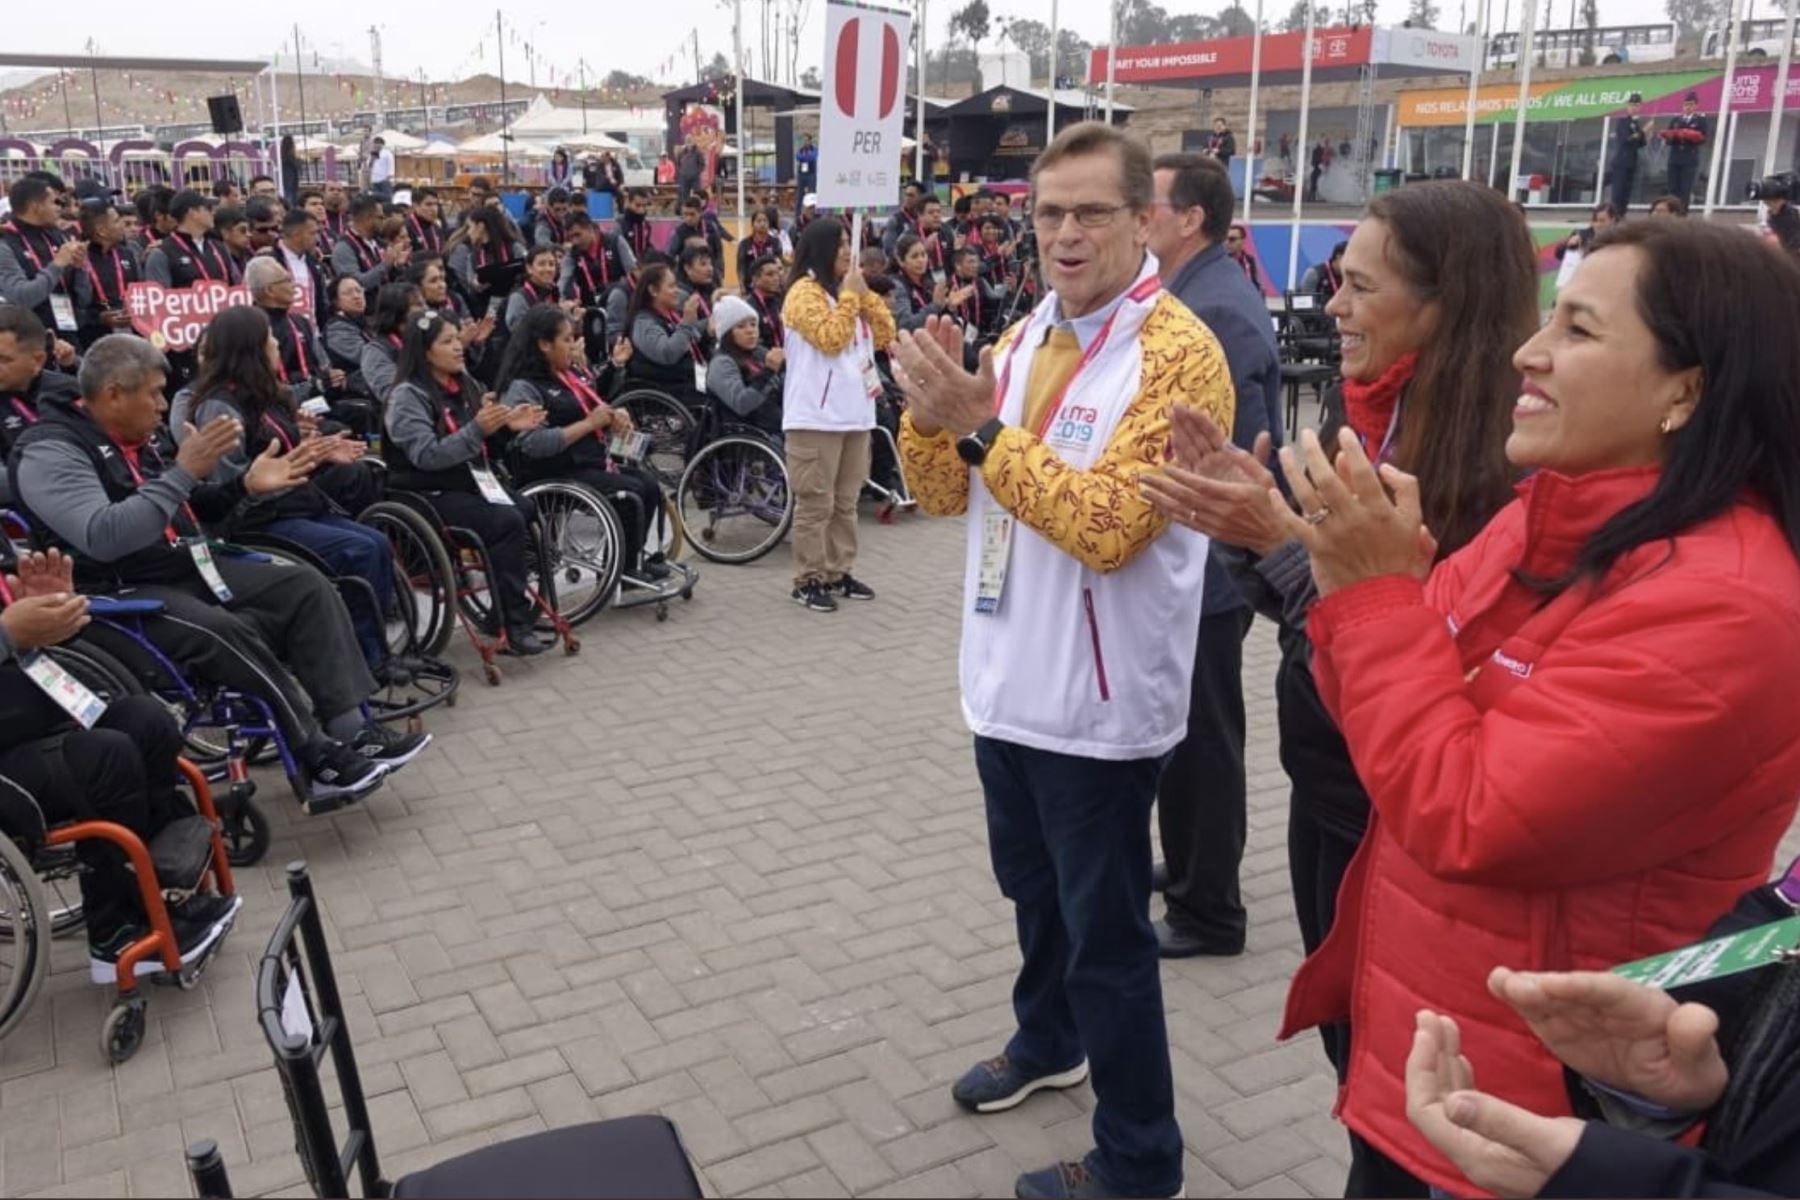 La ministra de Educación, Flor Pablo Medina y  el presidente del Comité Organizador de Lima 2019, Carlos Neuhaus dan la bienvenida a la  delegación de deportistas que participarán en los Juegos Parapanamericanos Lima 2019. Foto: MINEDU